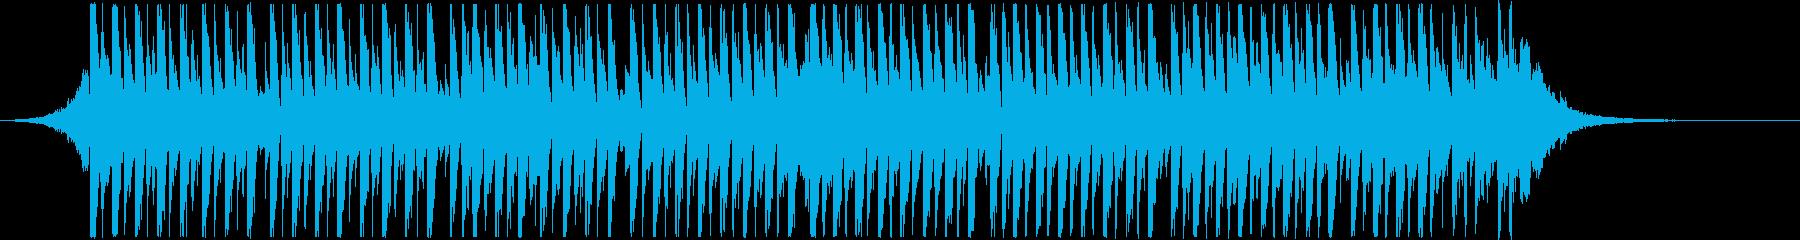 アップリフティングハウス(ショート)の再生済みの波形